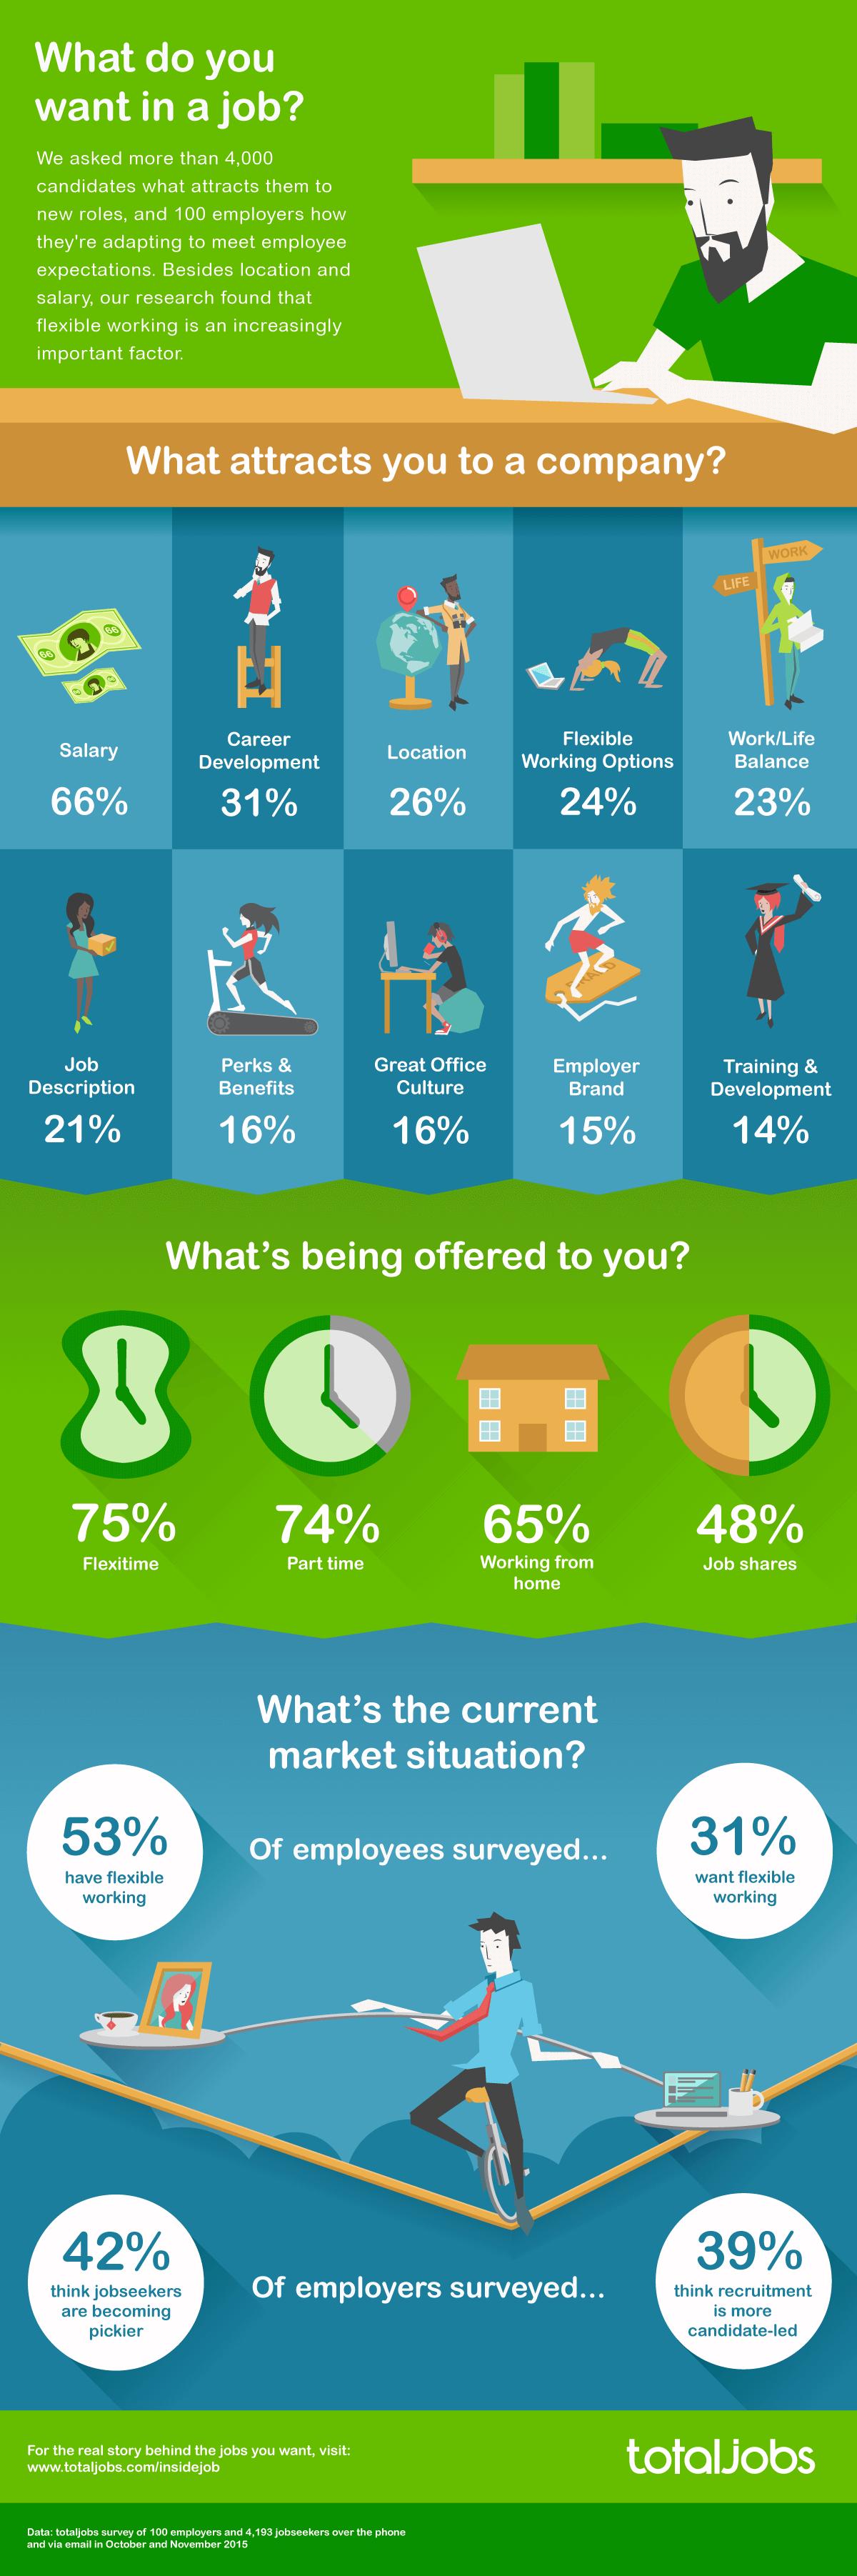 【イギリス】イギリスで急増するフレキシブルな職場環境への需要